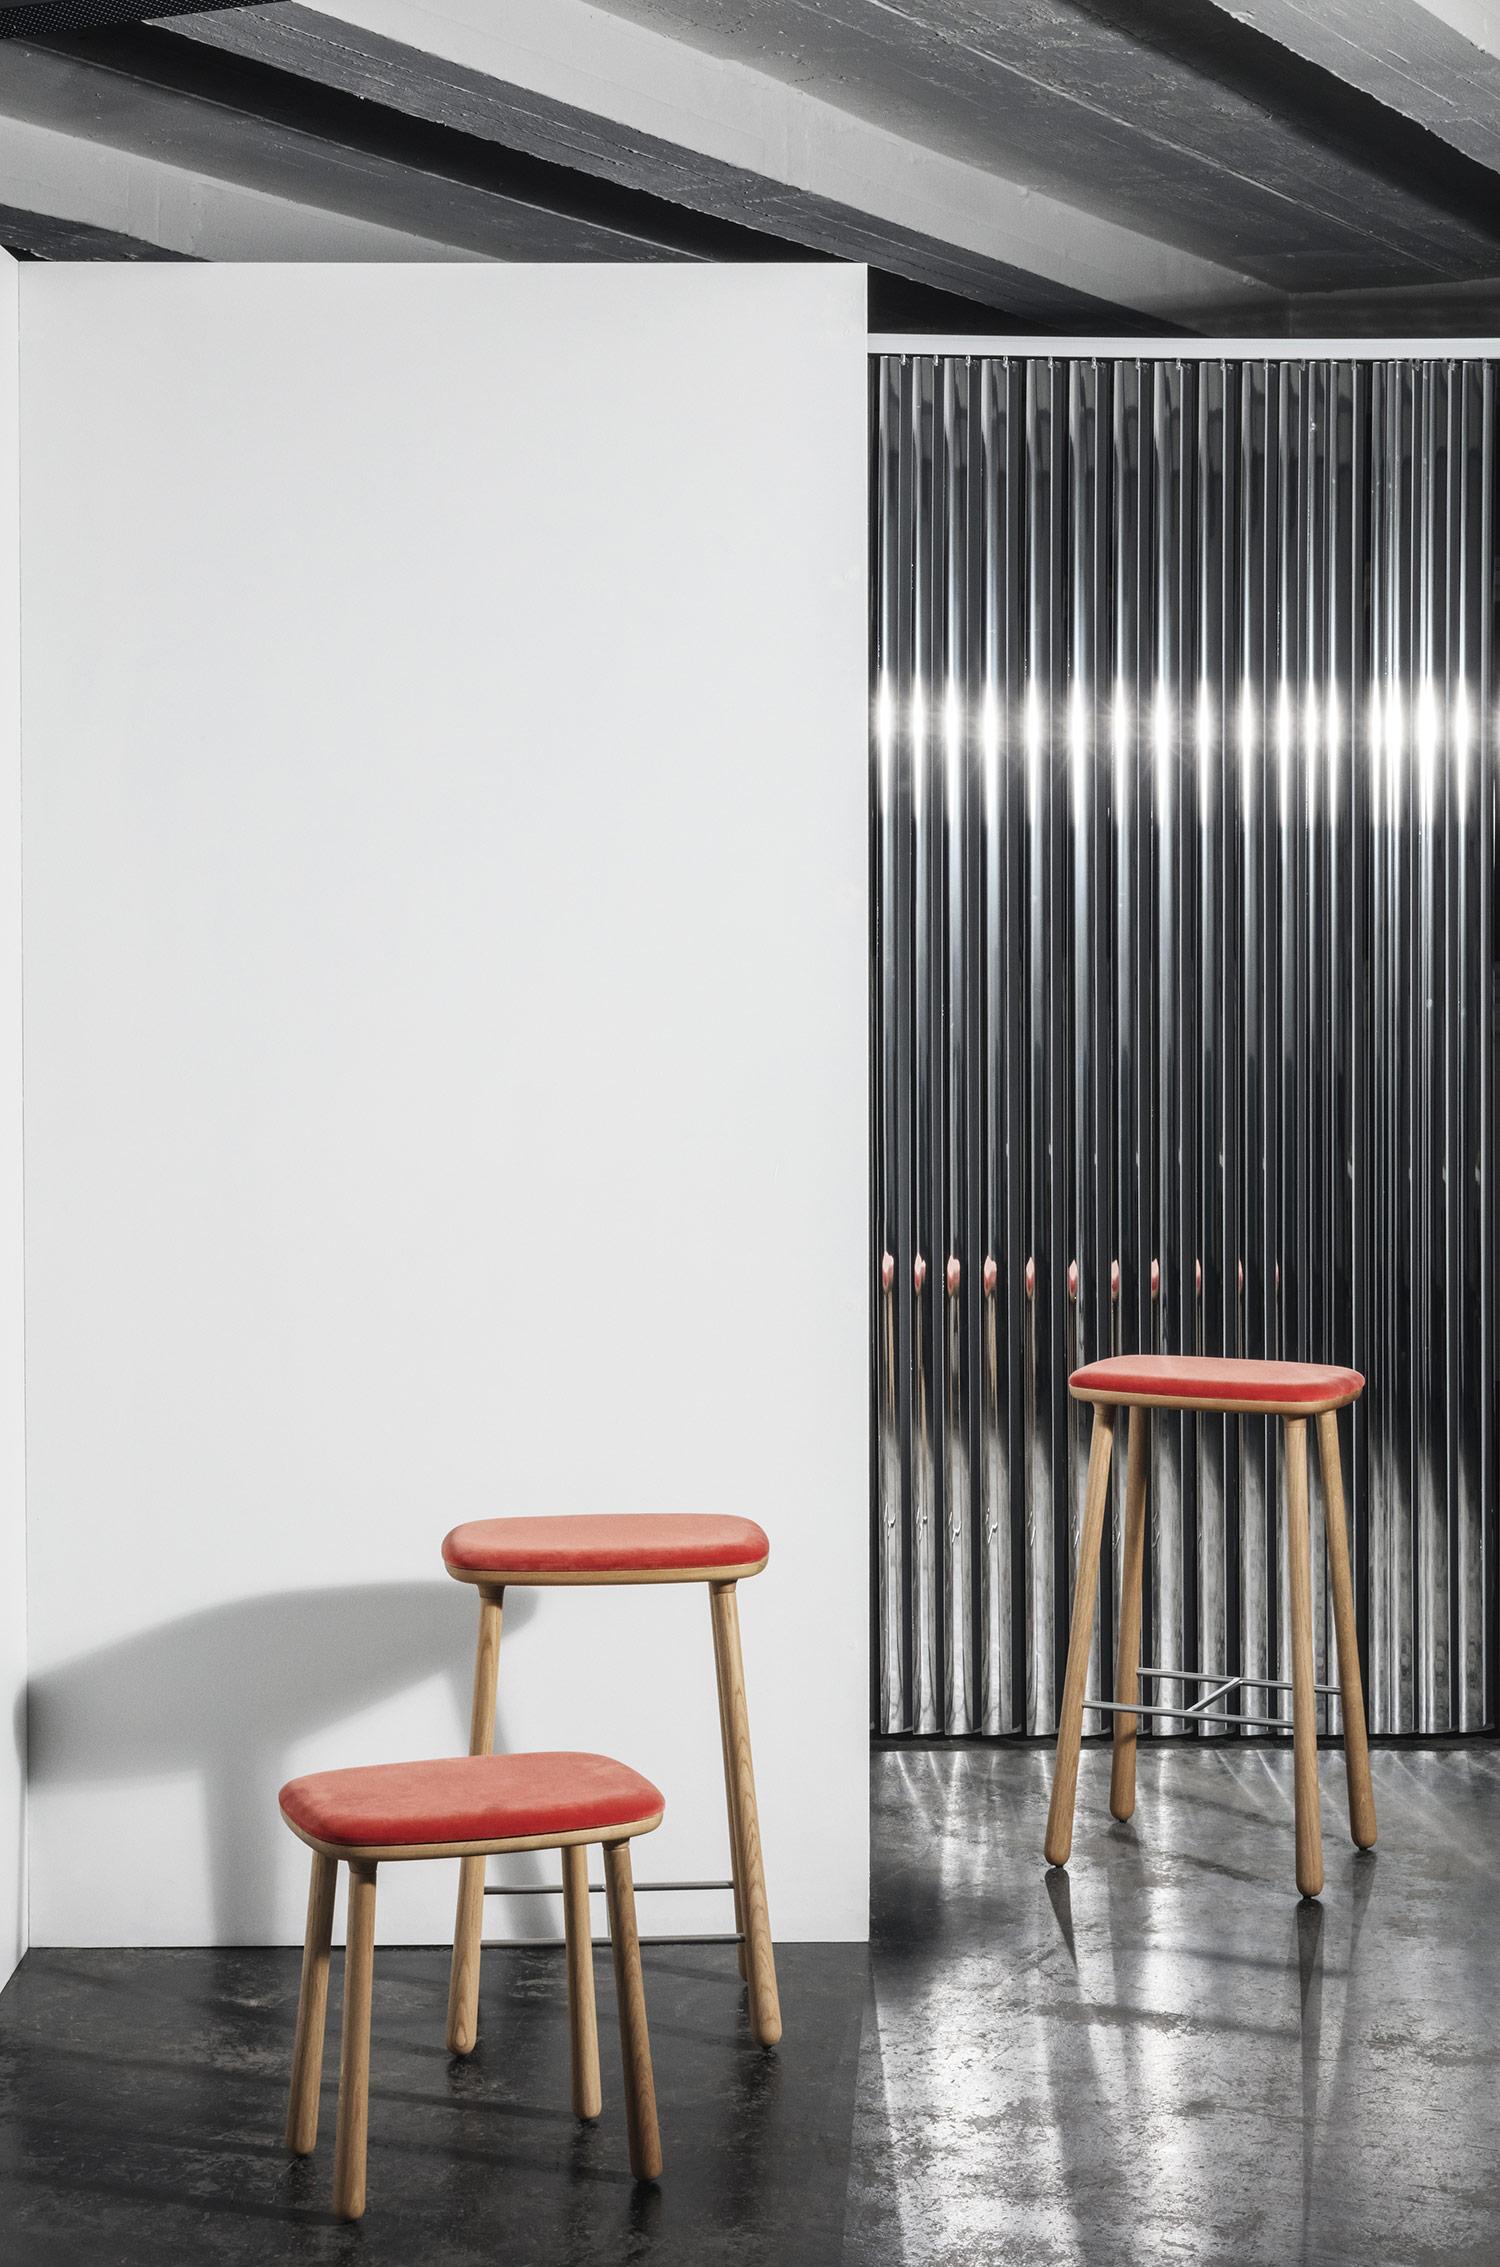 cuba barstol fra m bel copenhagen fri fragt. Black Bedroom Furniture Sets. Home Design Ideas